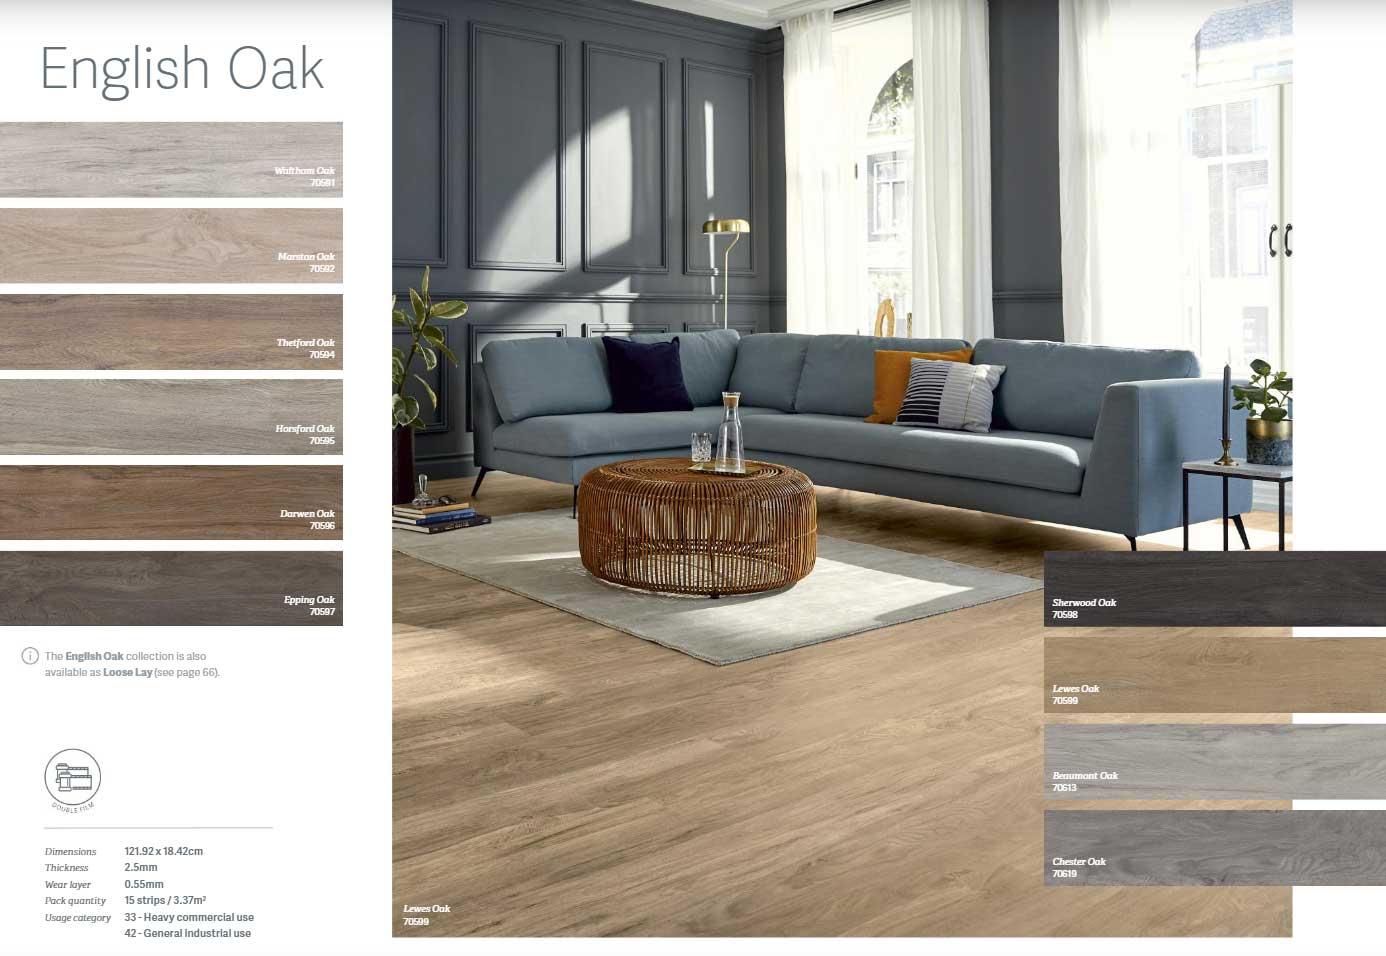 moodbord, impressie, groningen, pvc vloeren, M-Flor PVC vloer